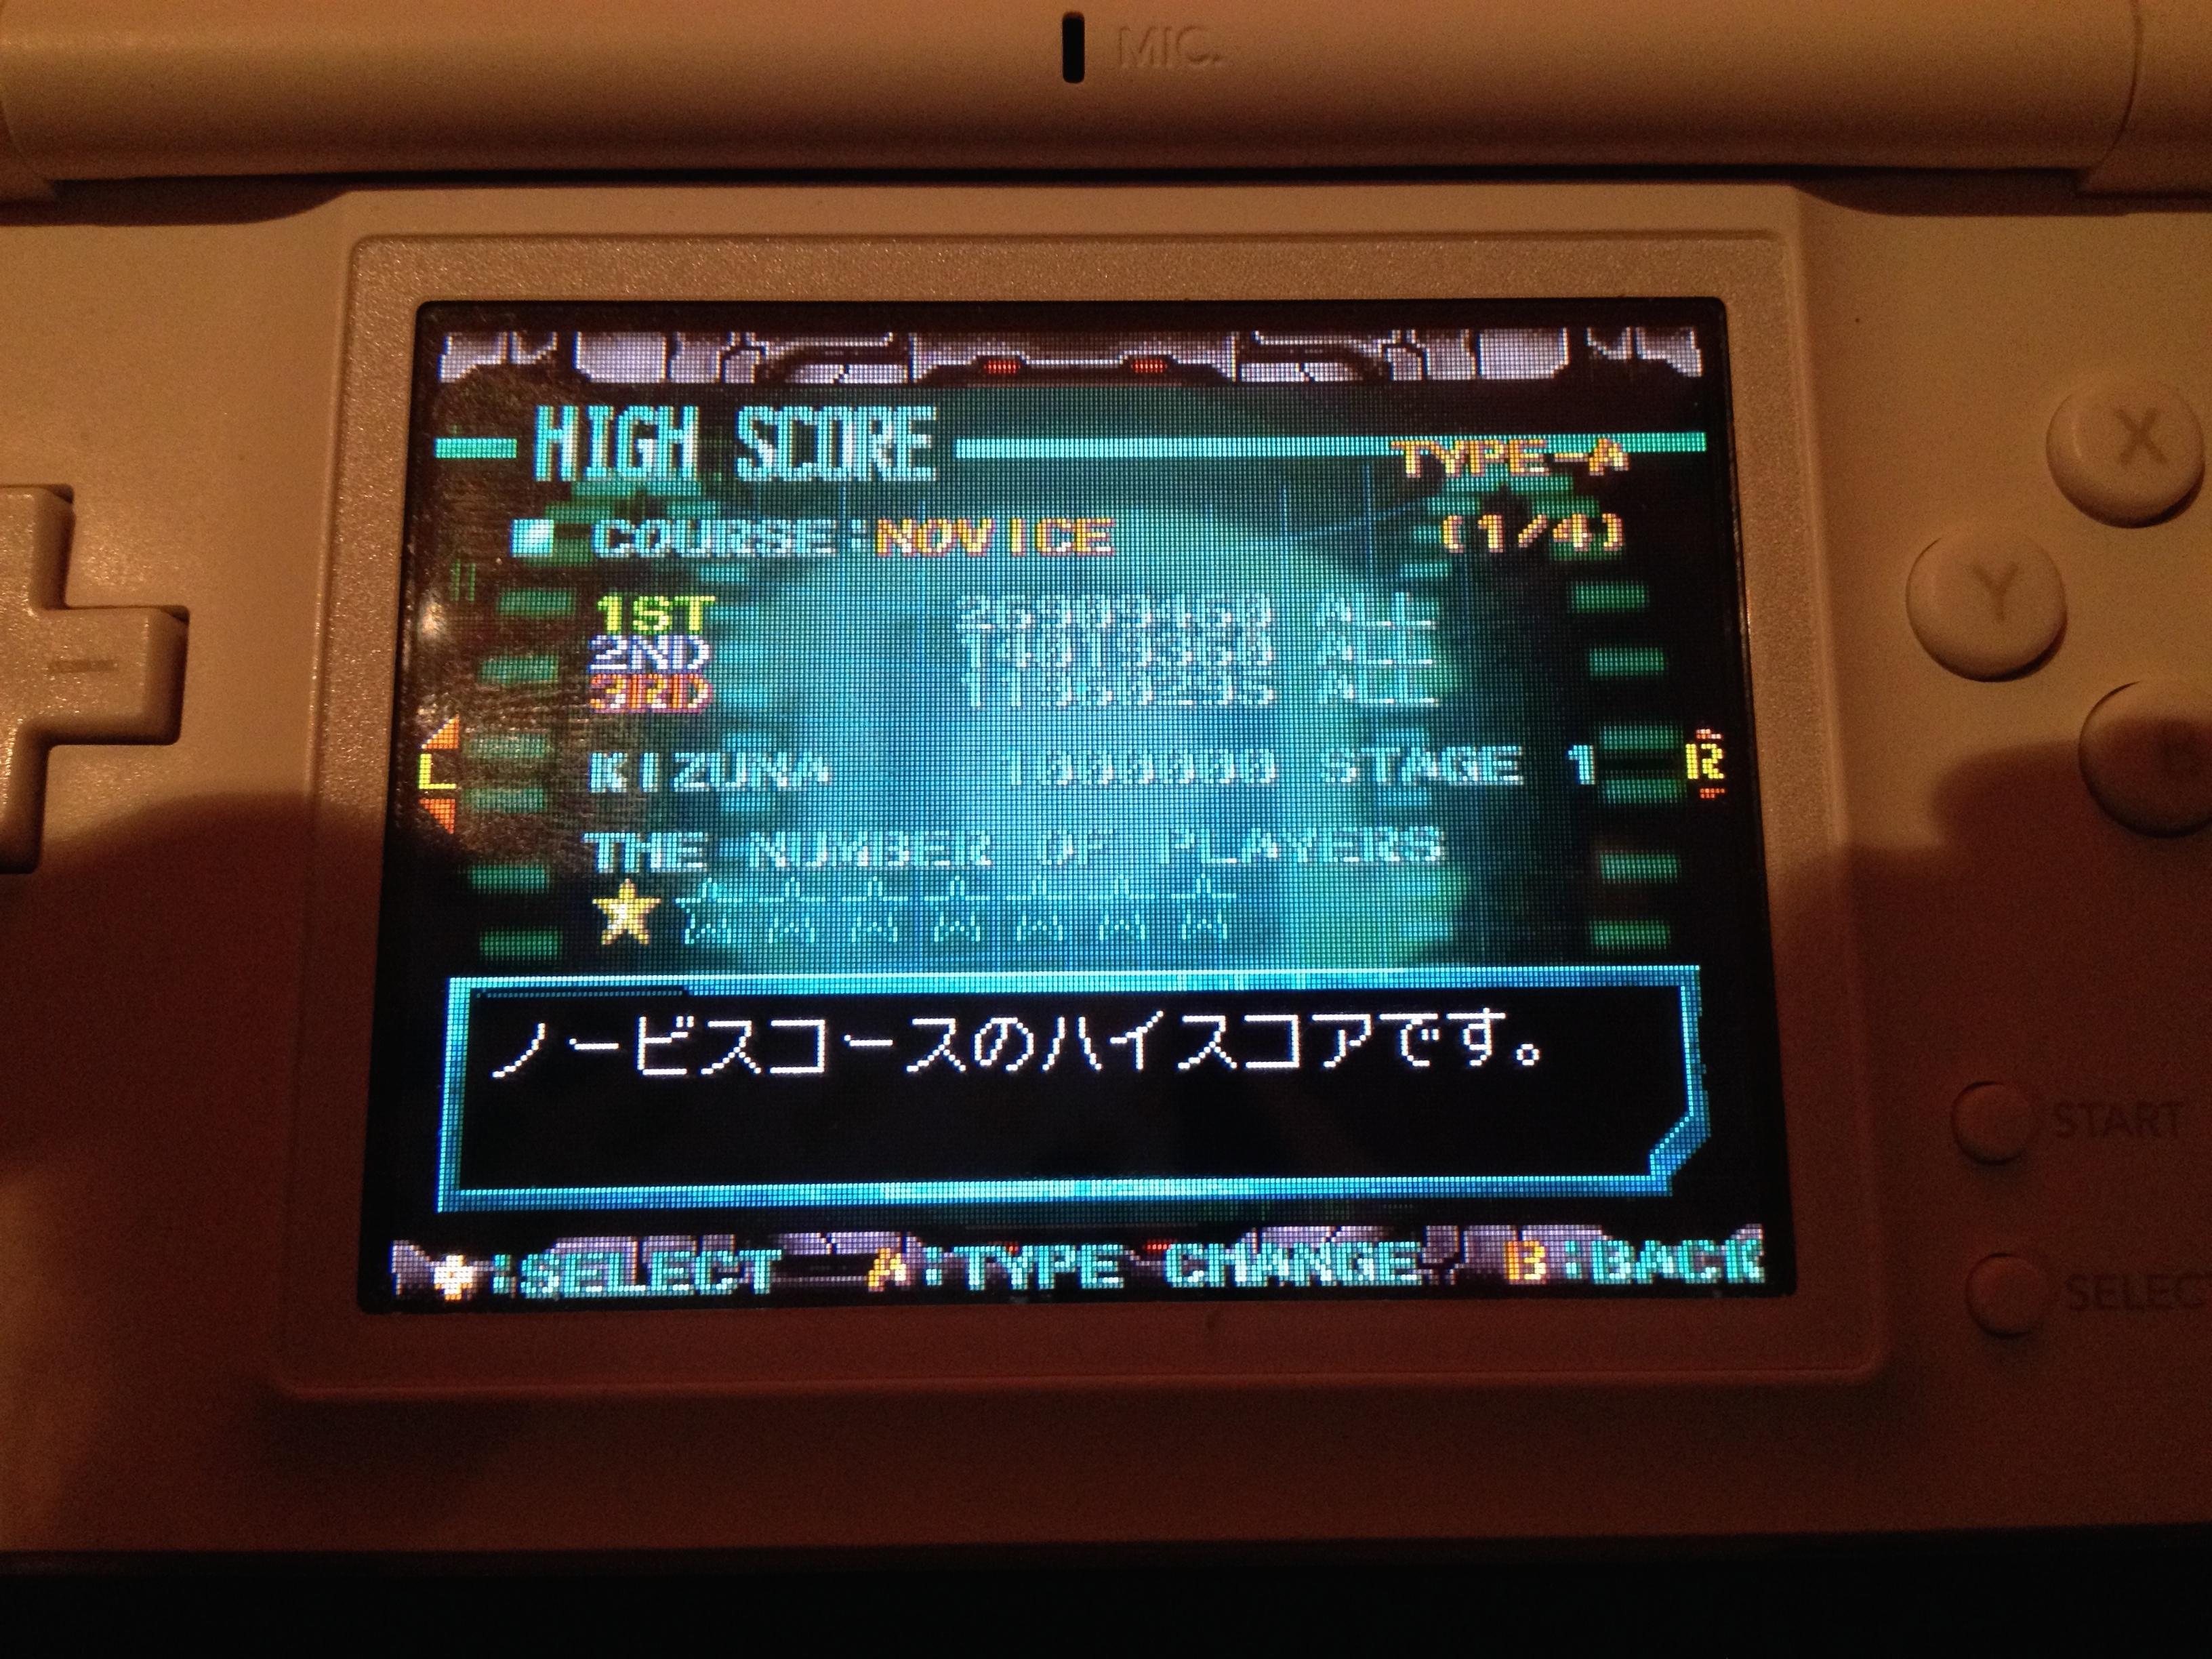 AmetDj: Ketsui: Death Label [Novice] (Nintendo DS) 26,909,460 points on 2014-08-28 15:56:48